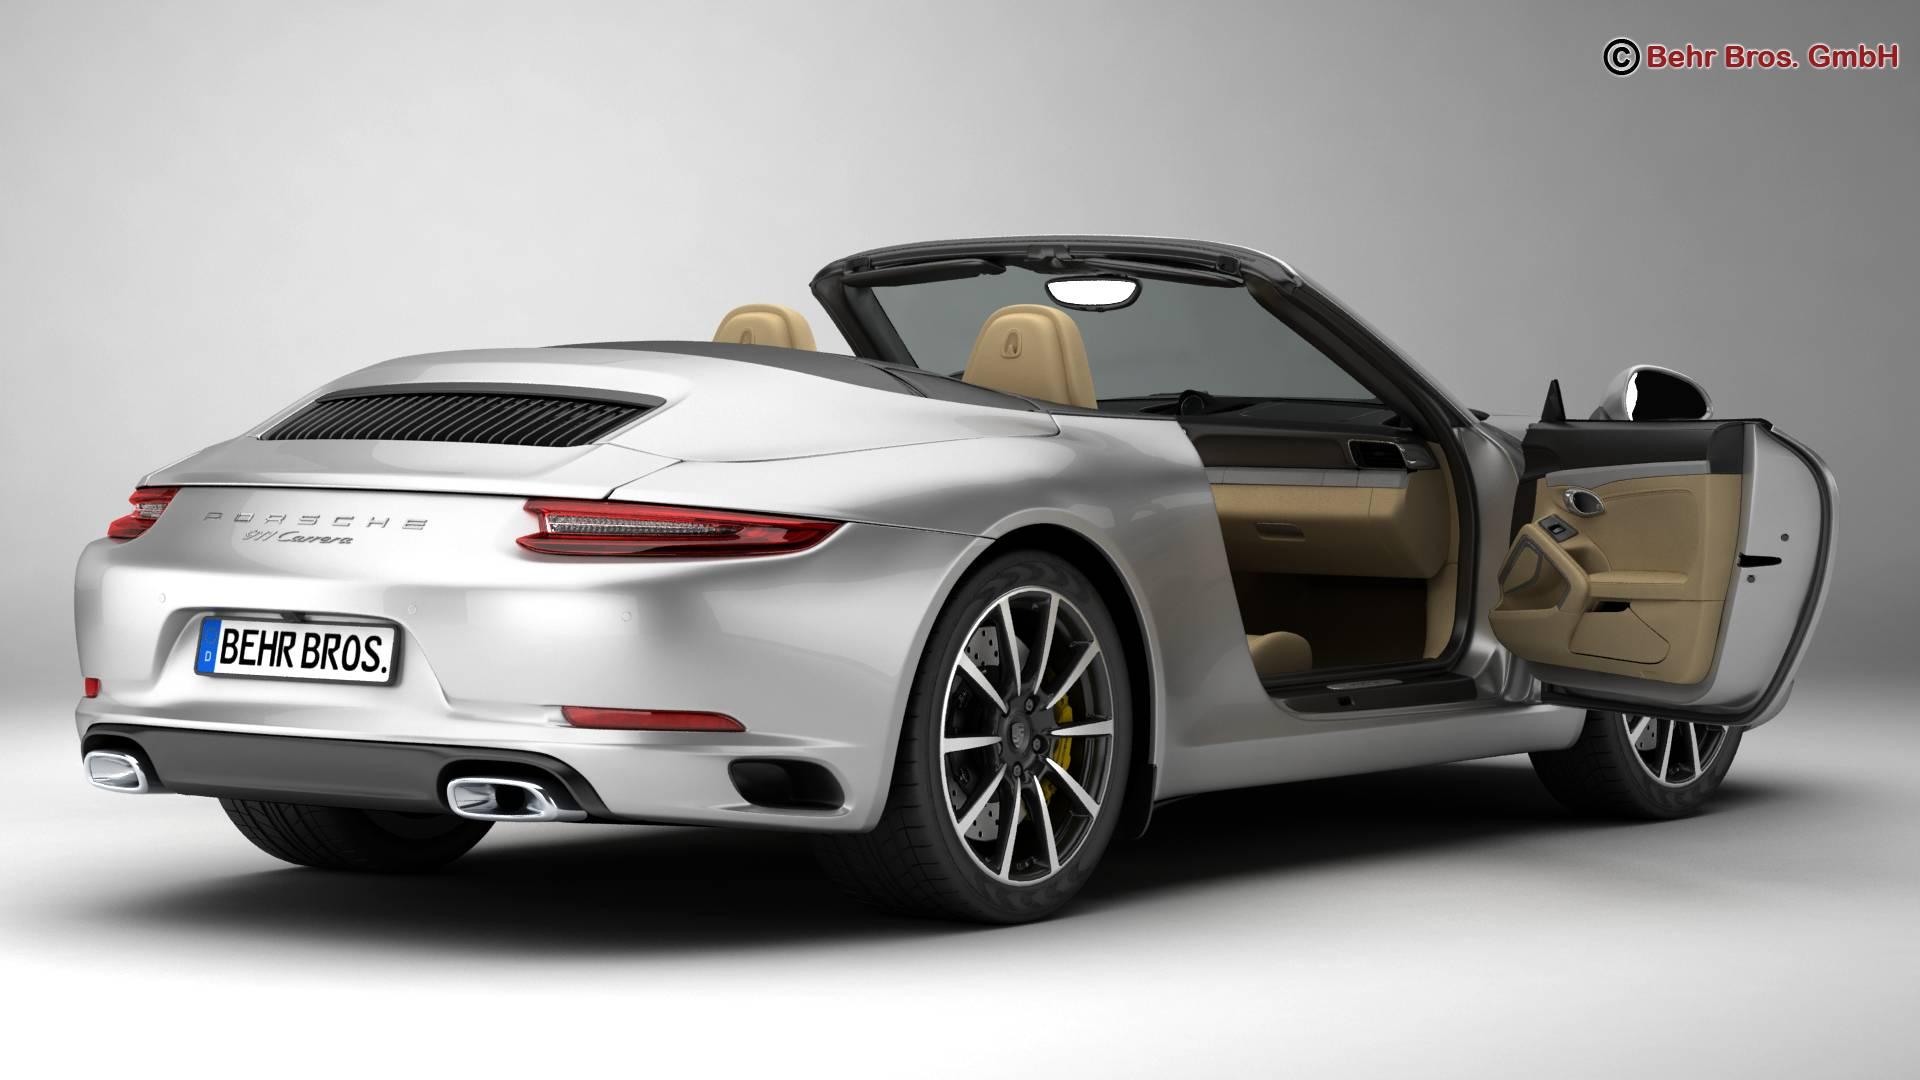 porsche 911 carrera cabriolet 2017 3d líkan 3ds max fbx c4d lwo ma mb obj 220793